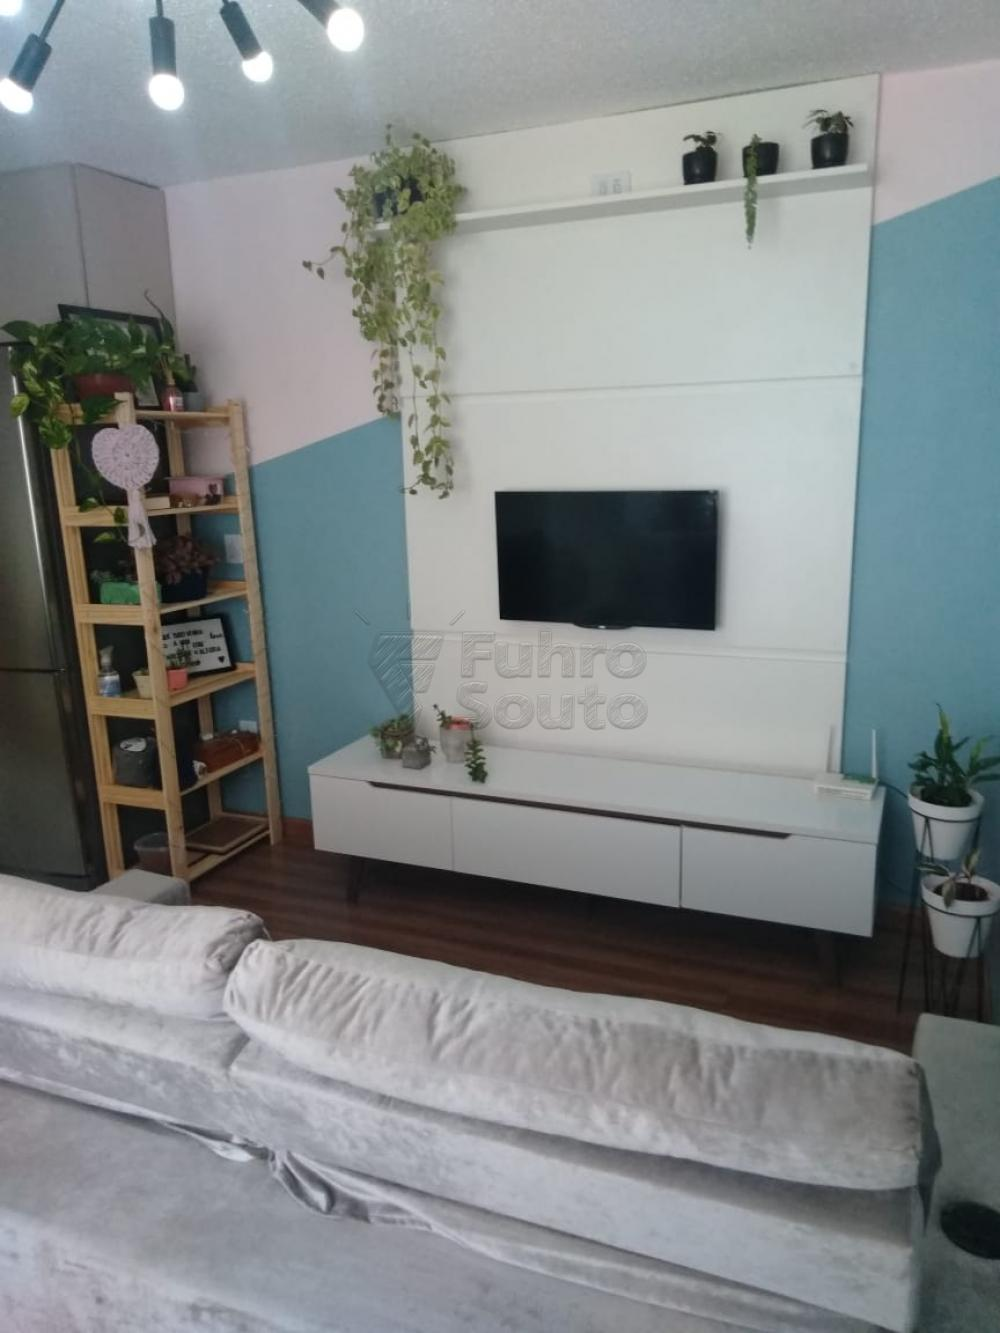 Comprar Apartamento / Padrão em Pelotas R$ 150.000,00 - Foto 1